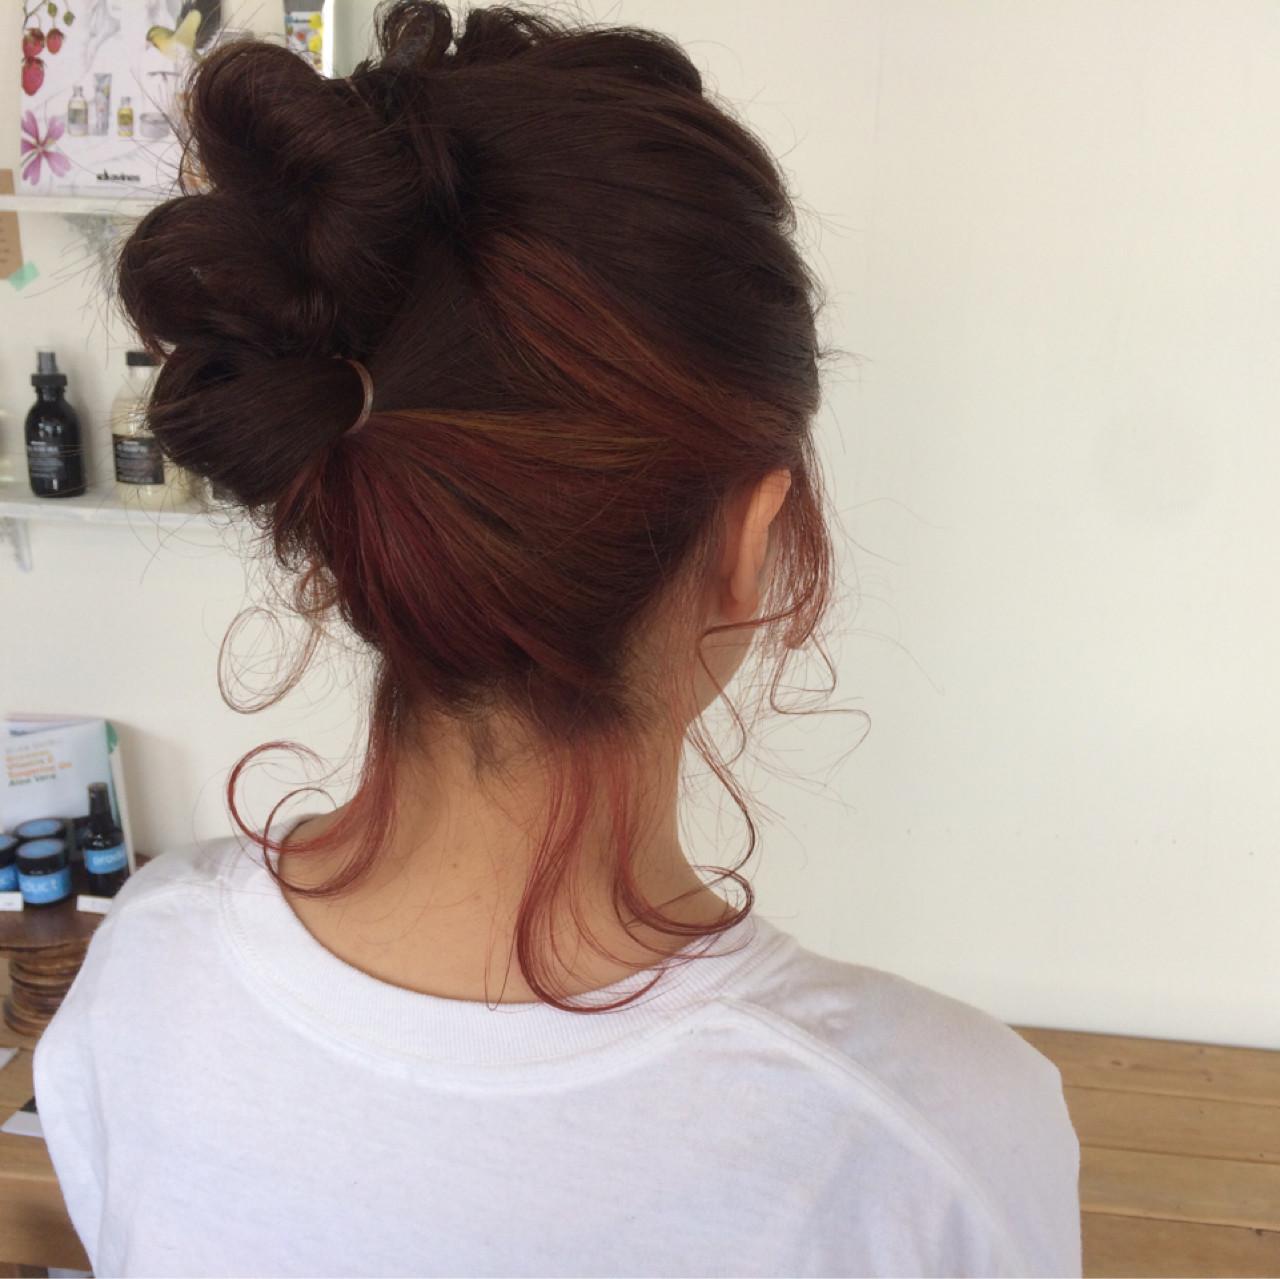 ボブ ストリート ミディアム ヘアアレンジ ヘアスタイルや髪型の写真・画像